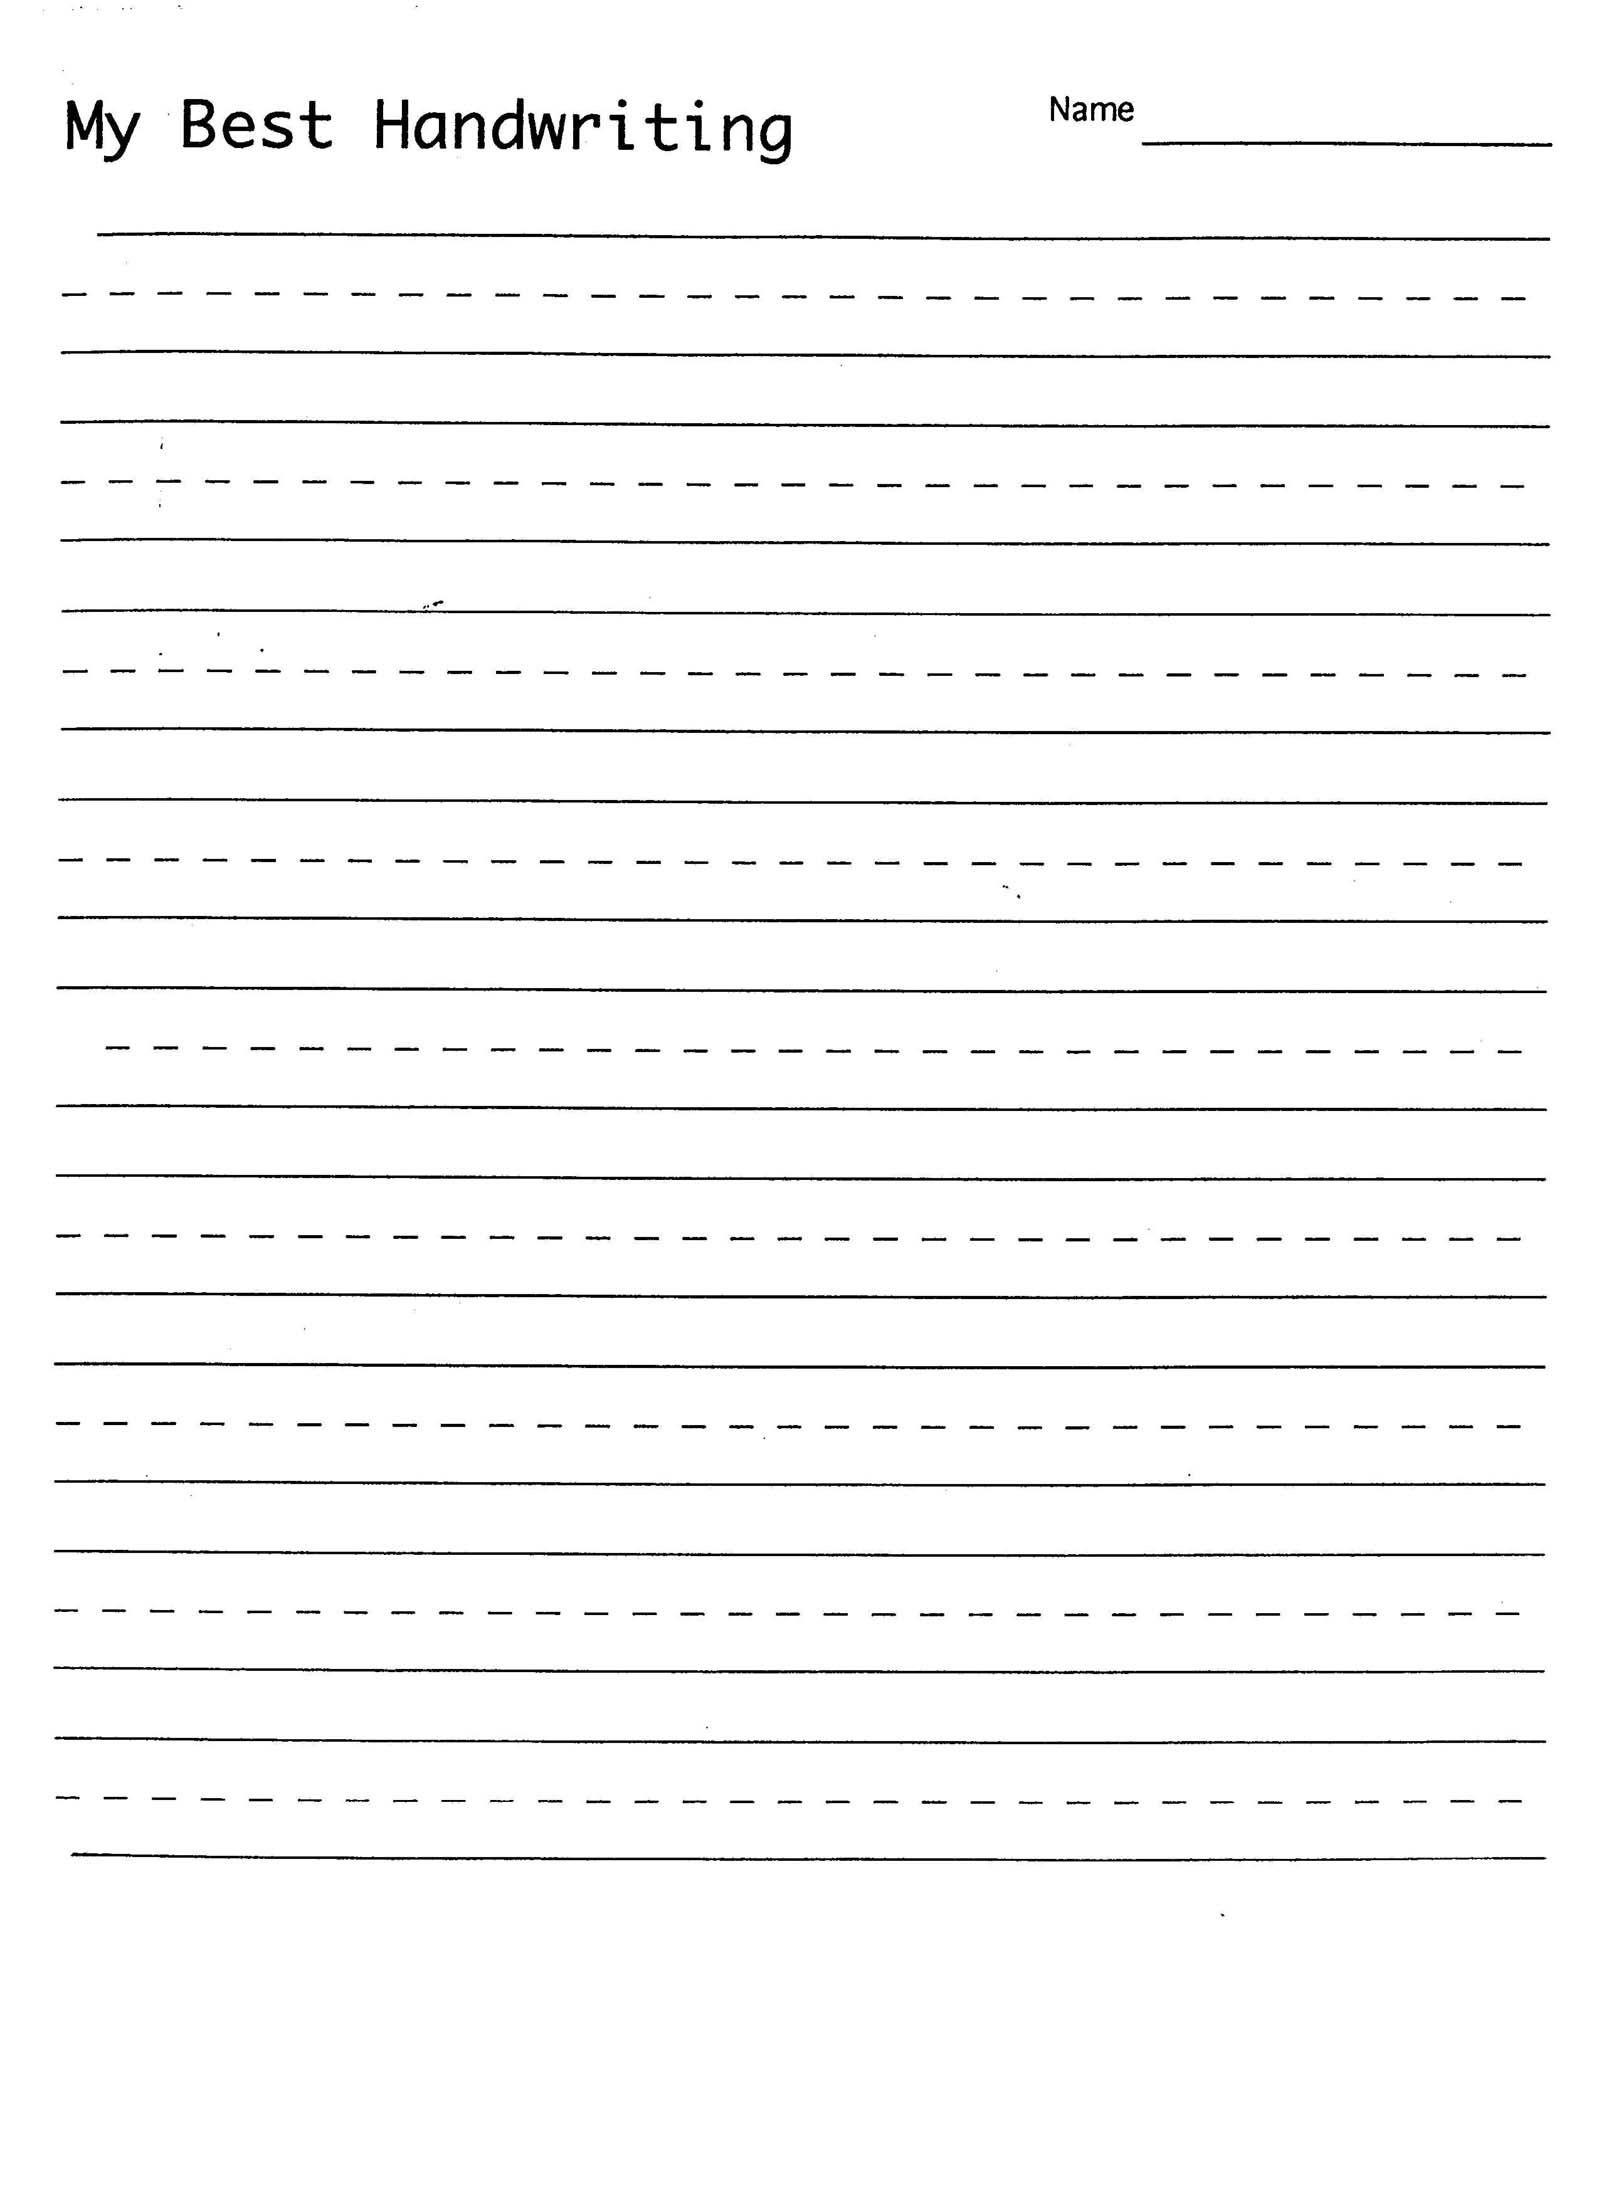 Handwriting Practice Sheet | 1St Grade Handwriting | Kindergarten - Free Printable Blank Handwriting Worksheets